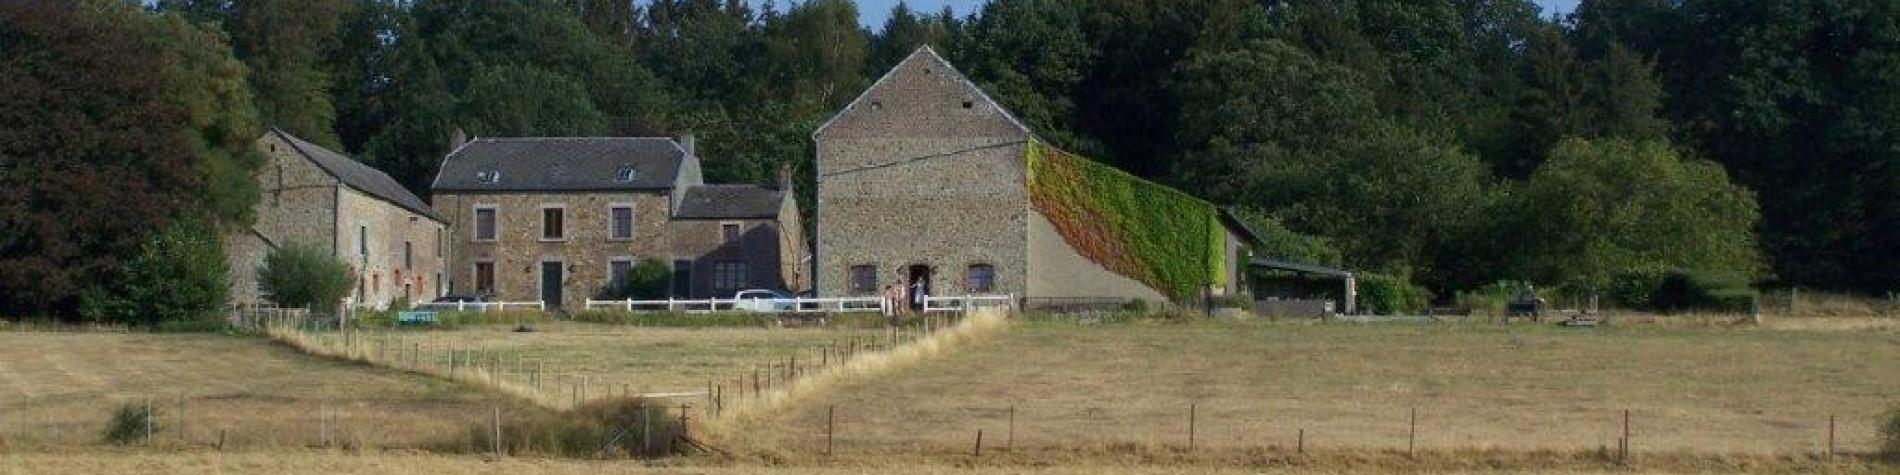 Gîte rural - Sart-Mère- Faulx-les-Tombes